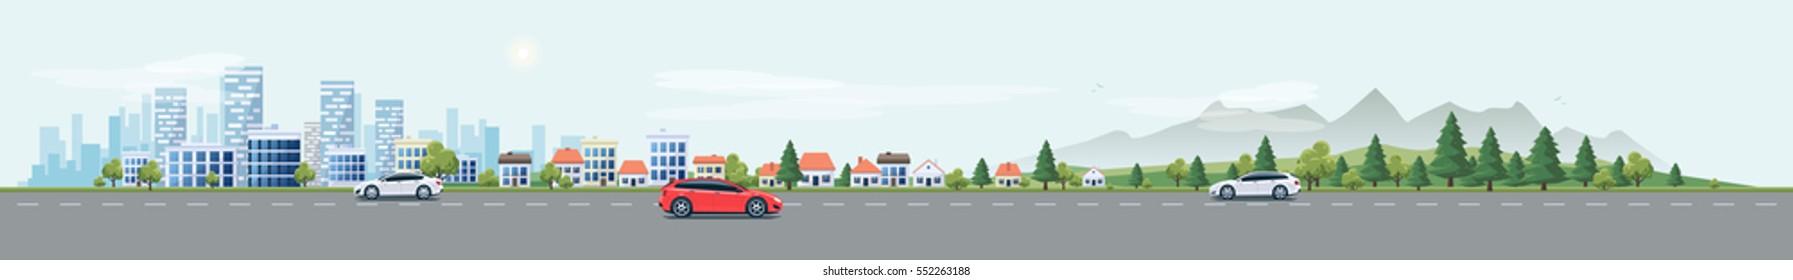 Плоский векторный мультфильм стиль иллюстрации городской пейзаж улицы с автомобилями, городской городской офис здания, семейные дома в маленьком городке и горы с зелеными деревьями на заднем плане. Движение по дороге.